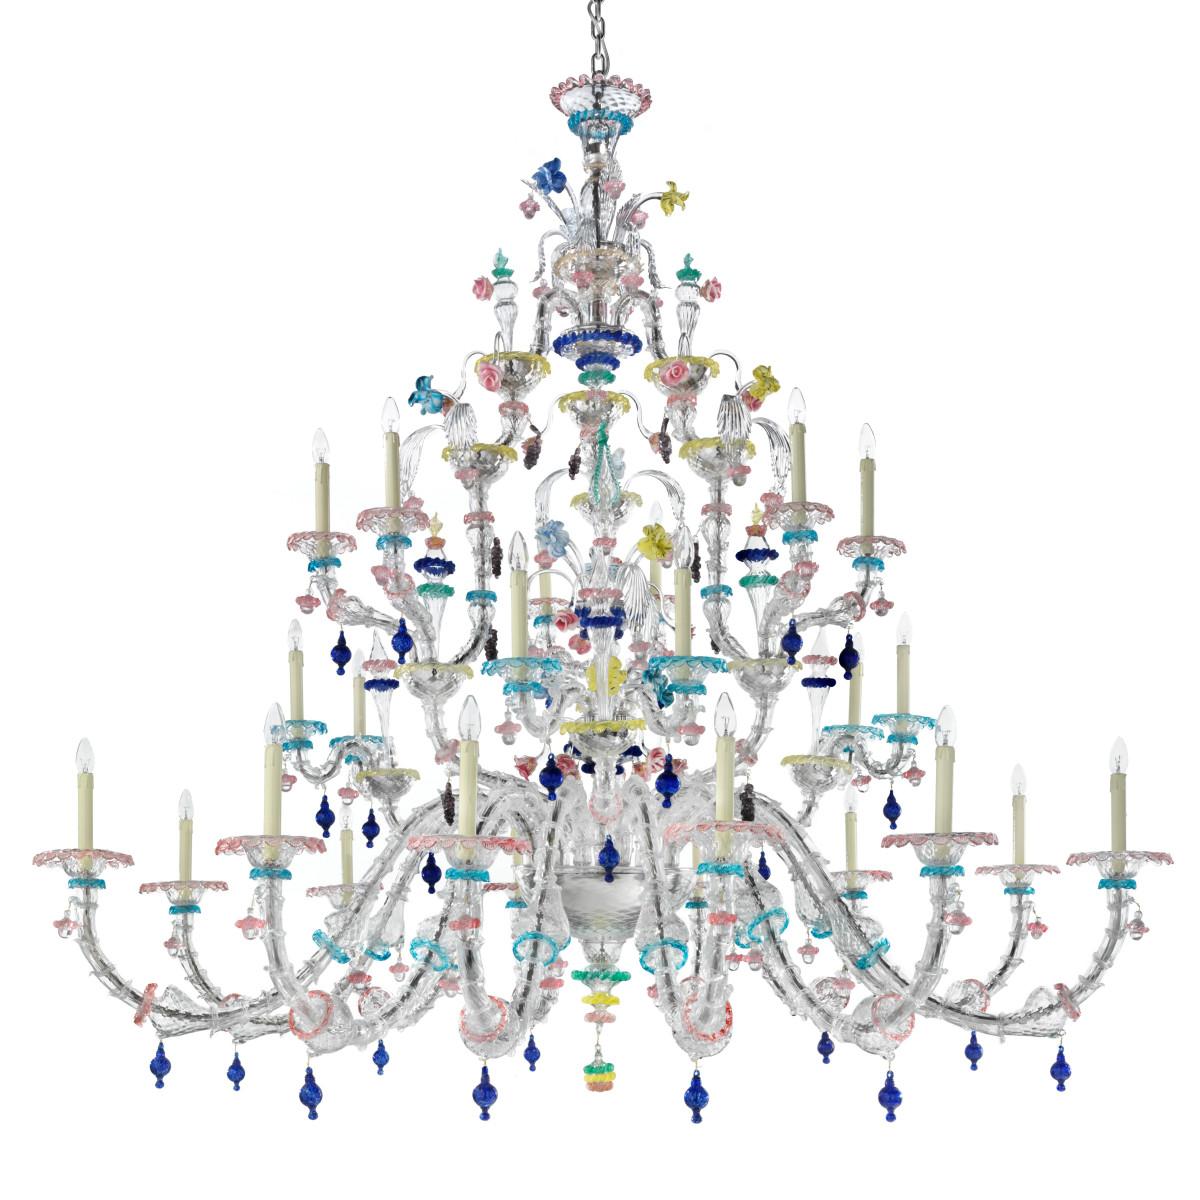 Aurora 24 luces lámpara de Murano clásica - color transparente policromo